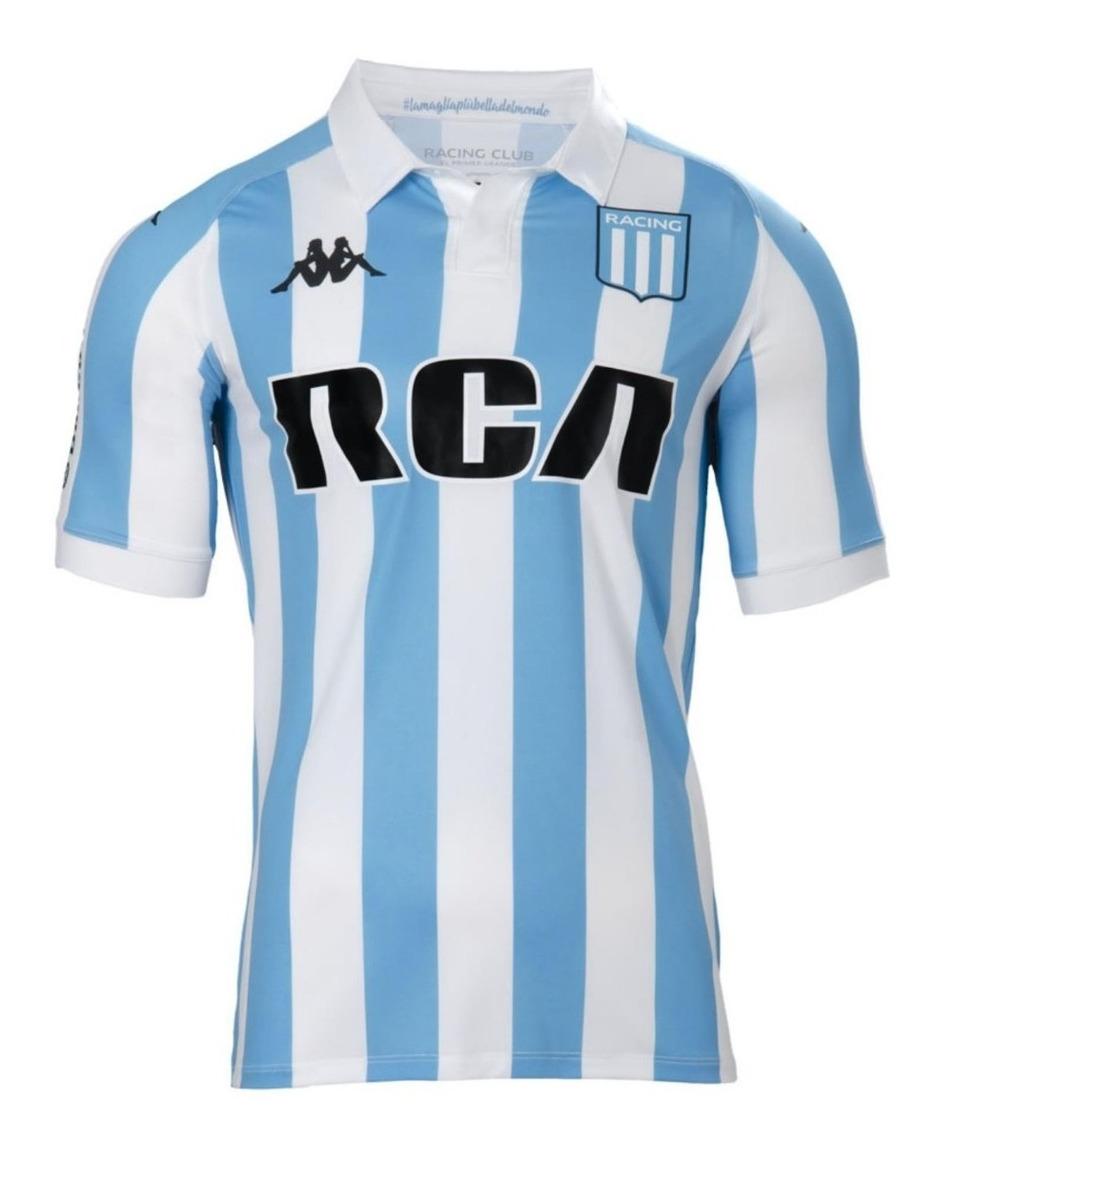 4a9f032a1 Camiseta De Fútbol Kappa Racing Club Oficial 18-19 - $ 2.199,00 en ...